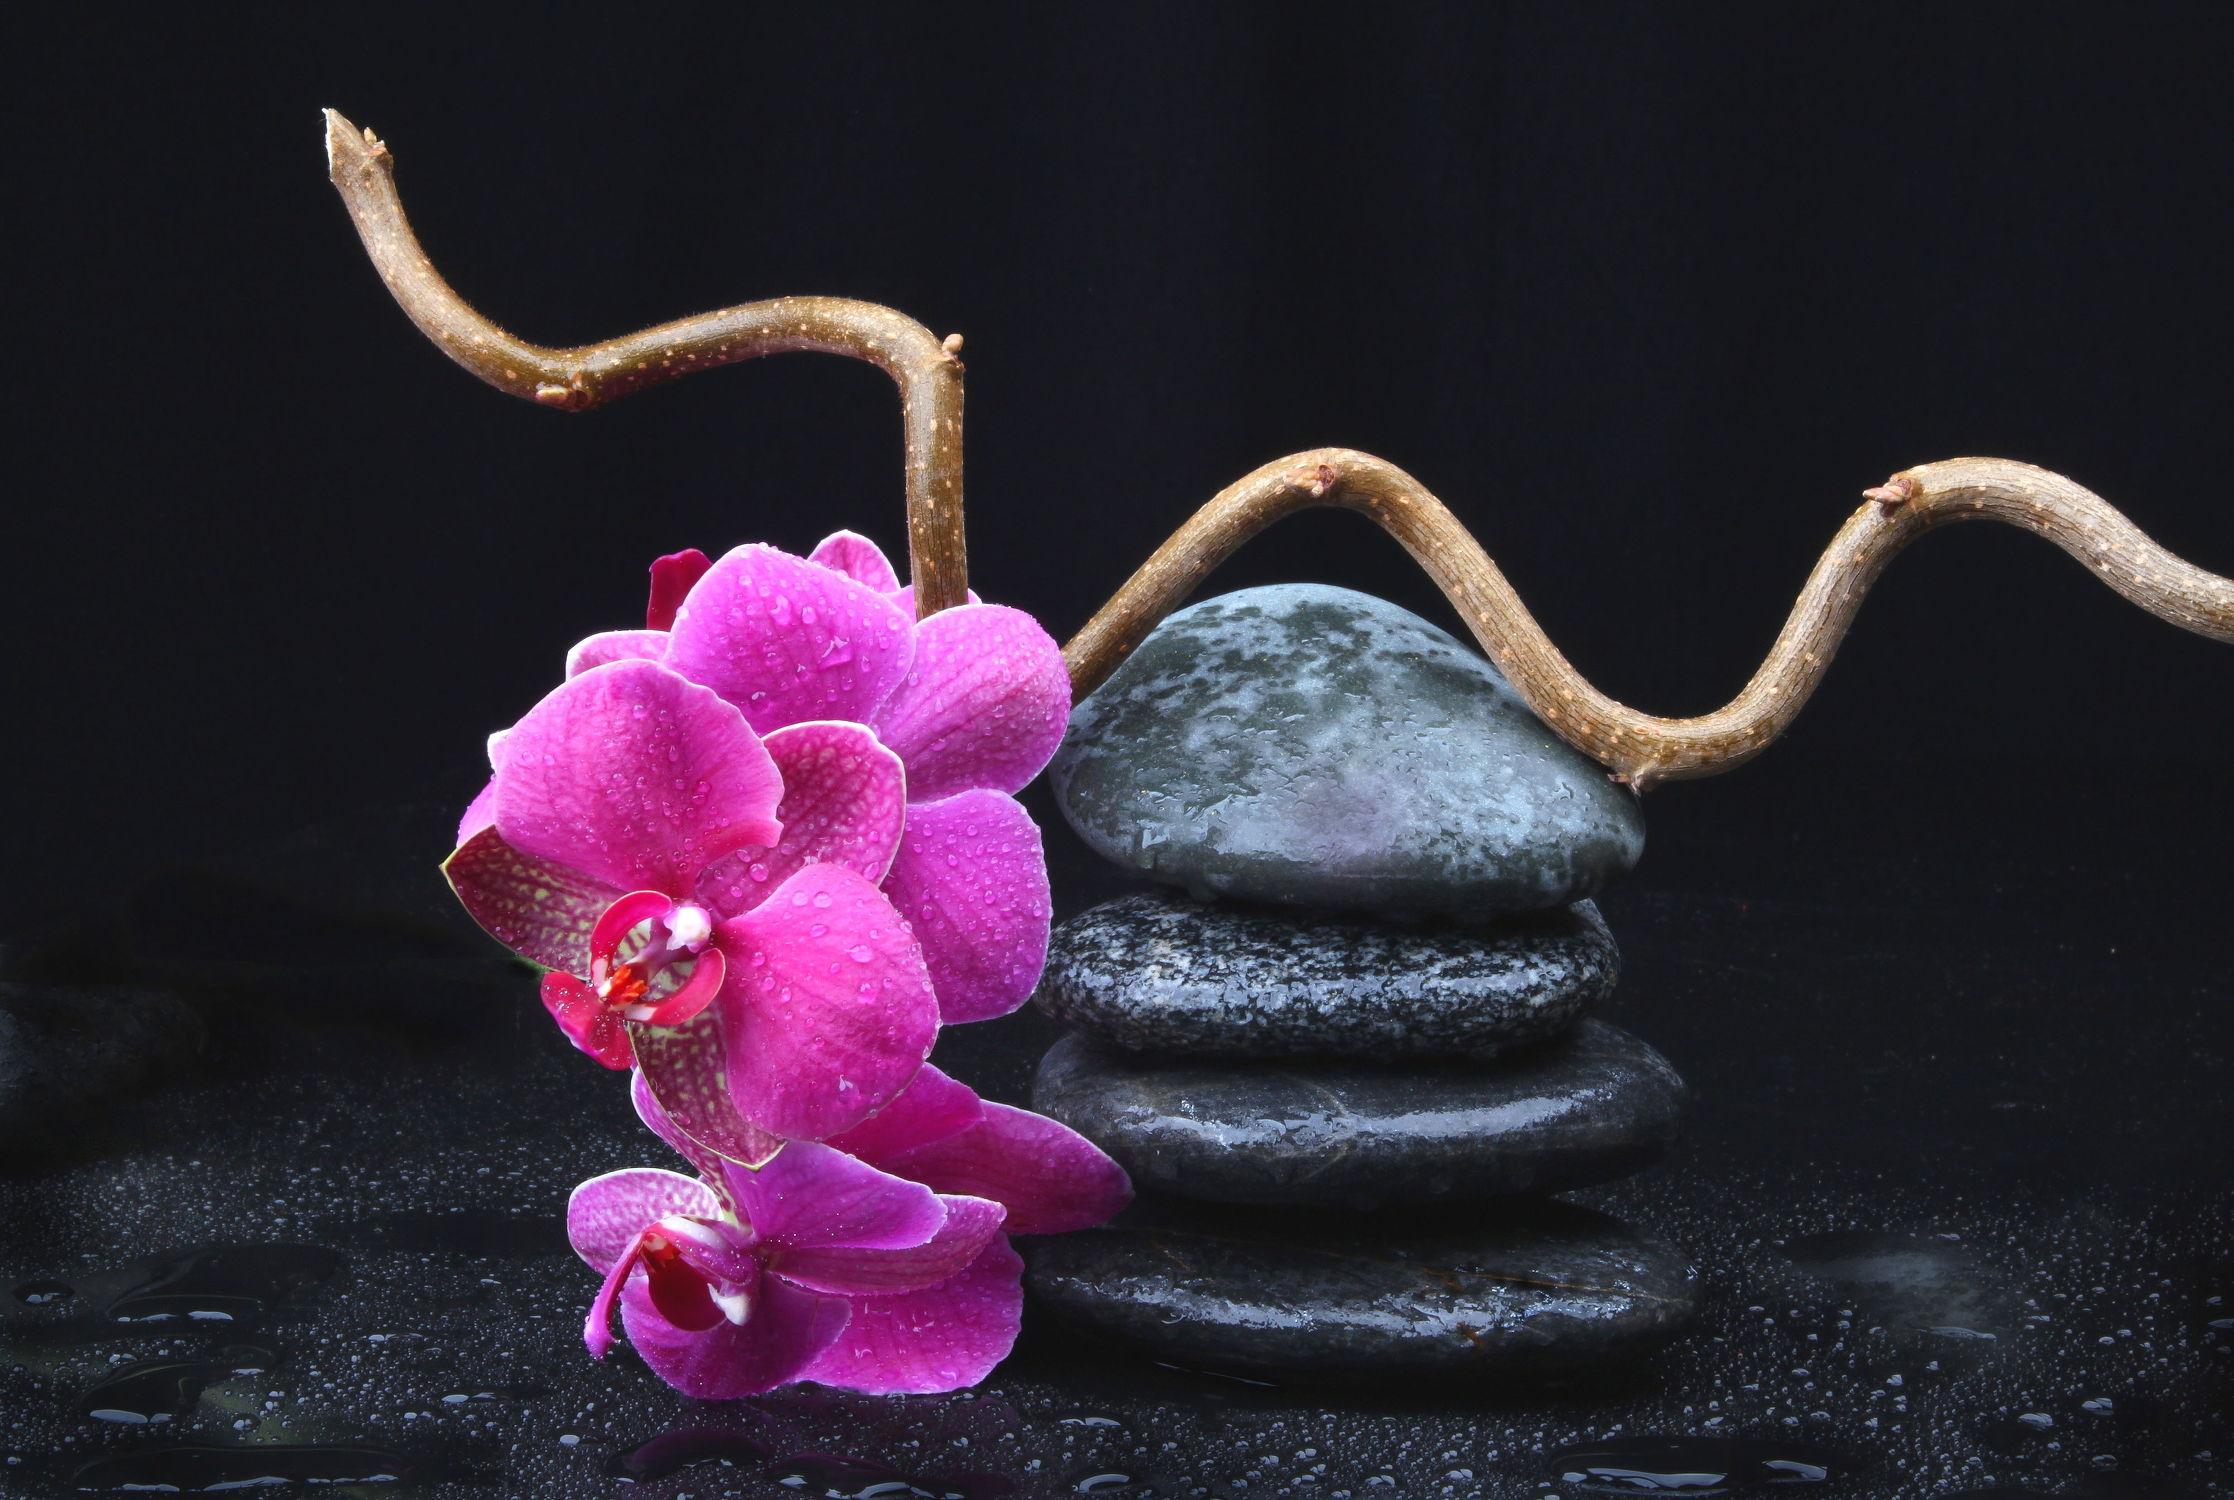 Bild mit Wasser, Blumen, Stein, Orchideen, Steine, Blume, Orchidee, Pflanze, Wassertropfen, Entspannung, Floral, Blüten, Florales, Wellness, blüte, Zweige, Zweig, zen